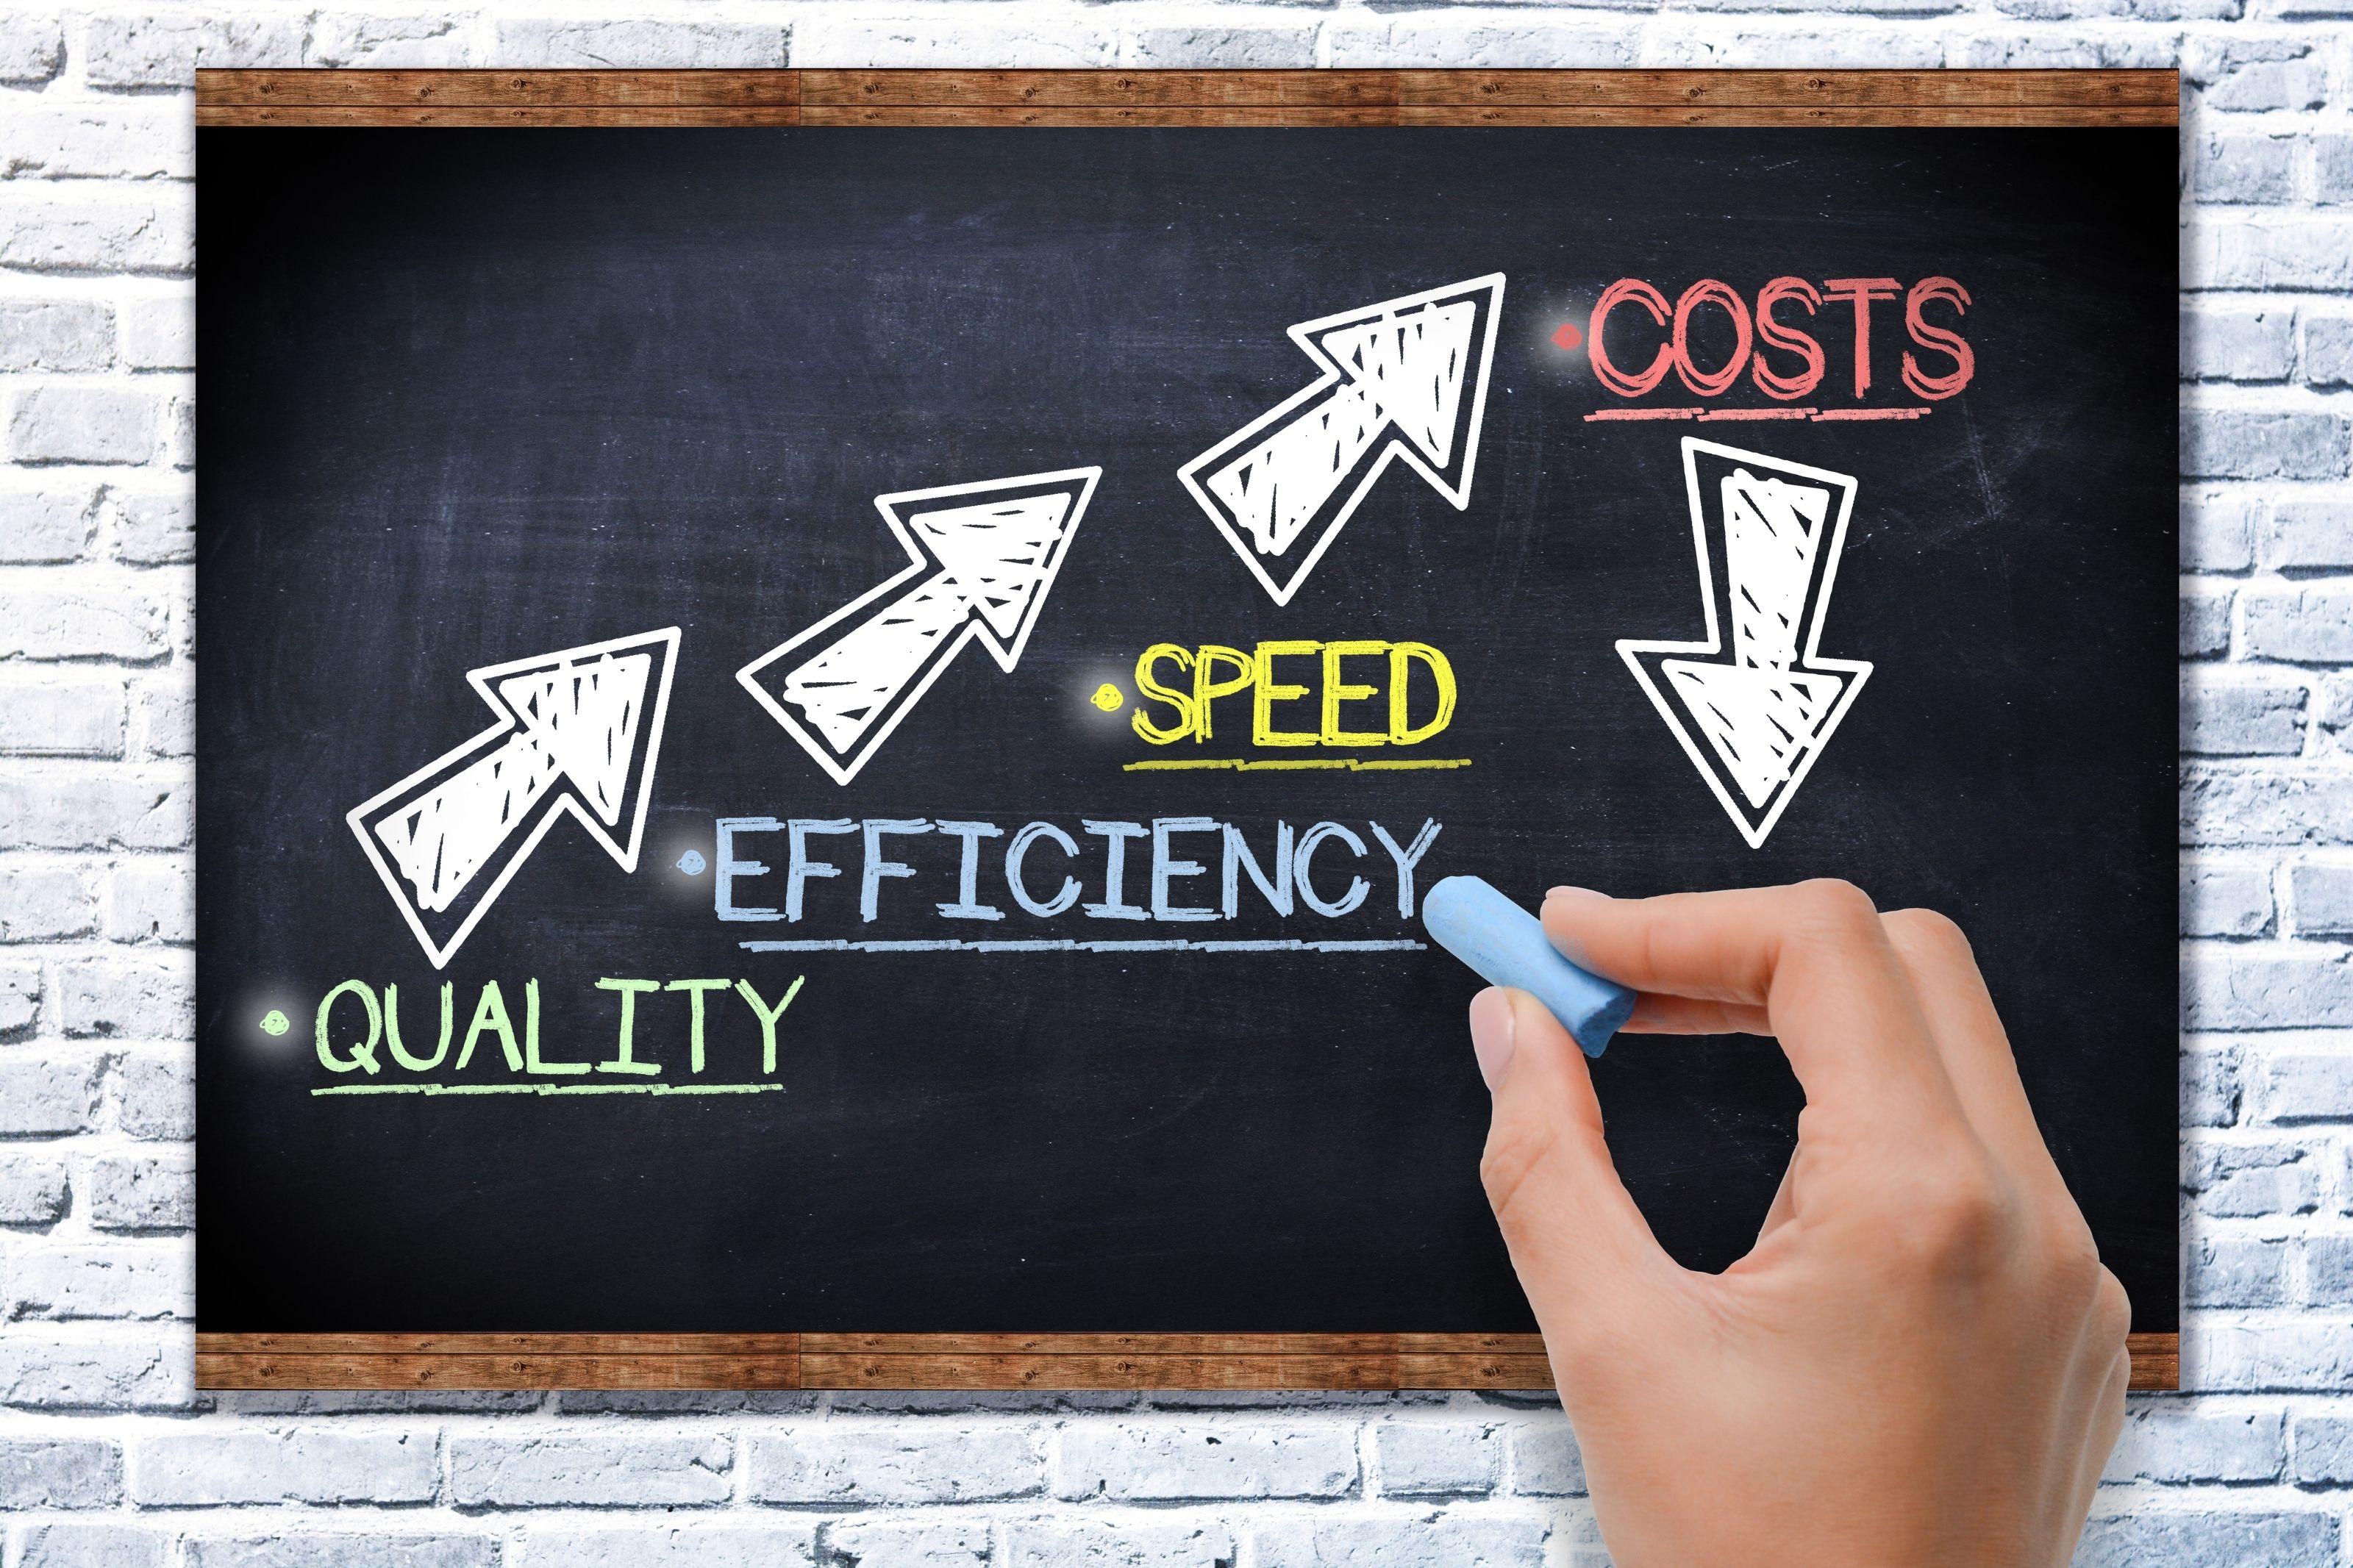 Těchto 5 kroků zvýší výkonnost firmy. Výsledky uvidíte už za několik měsíců